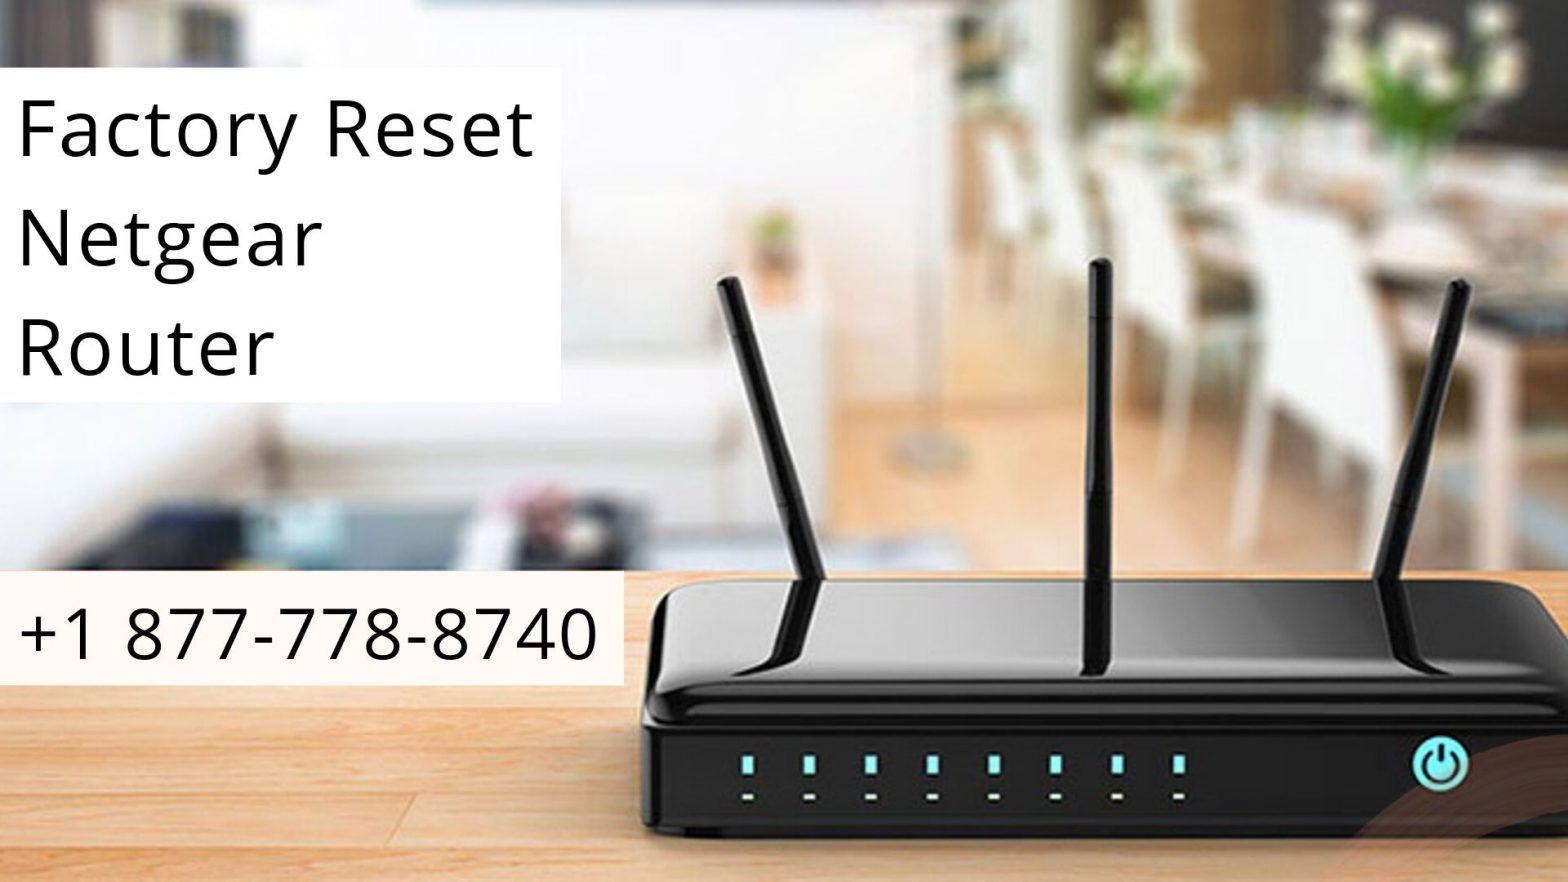 How To Factory Reset Netgear Router Netgear Netgear Router Router